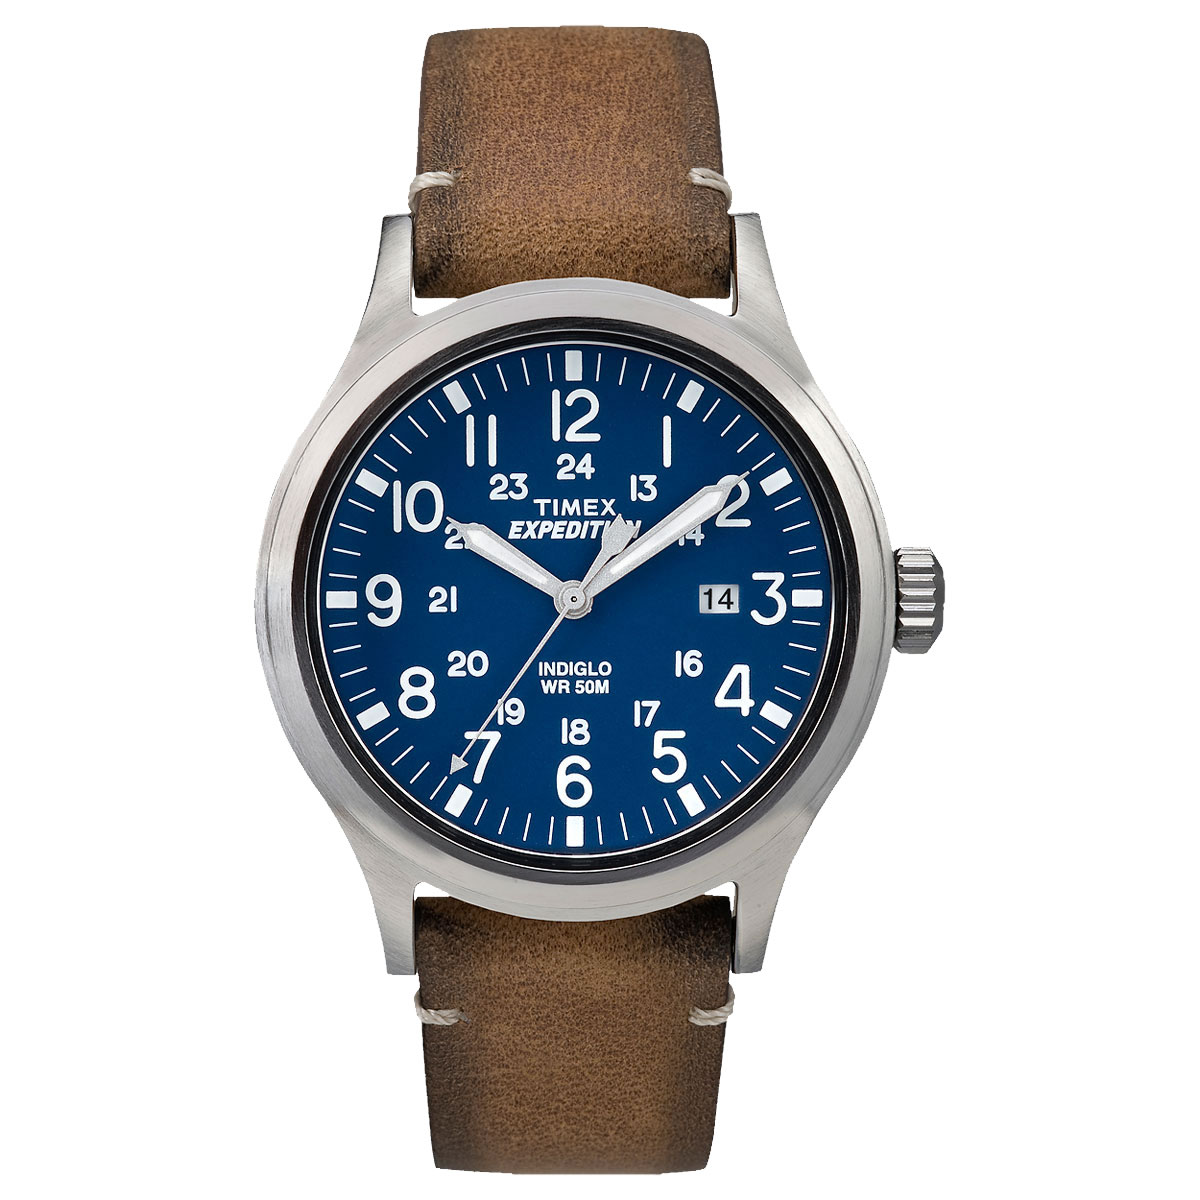 TIMEX(タイメックス)腕時計/エクスペディション・スカウトメタル/ネイビー TW4B01800